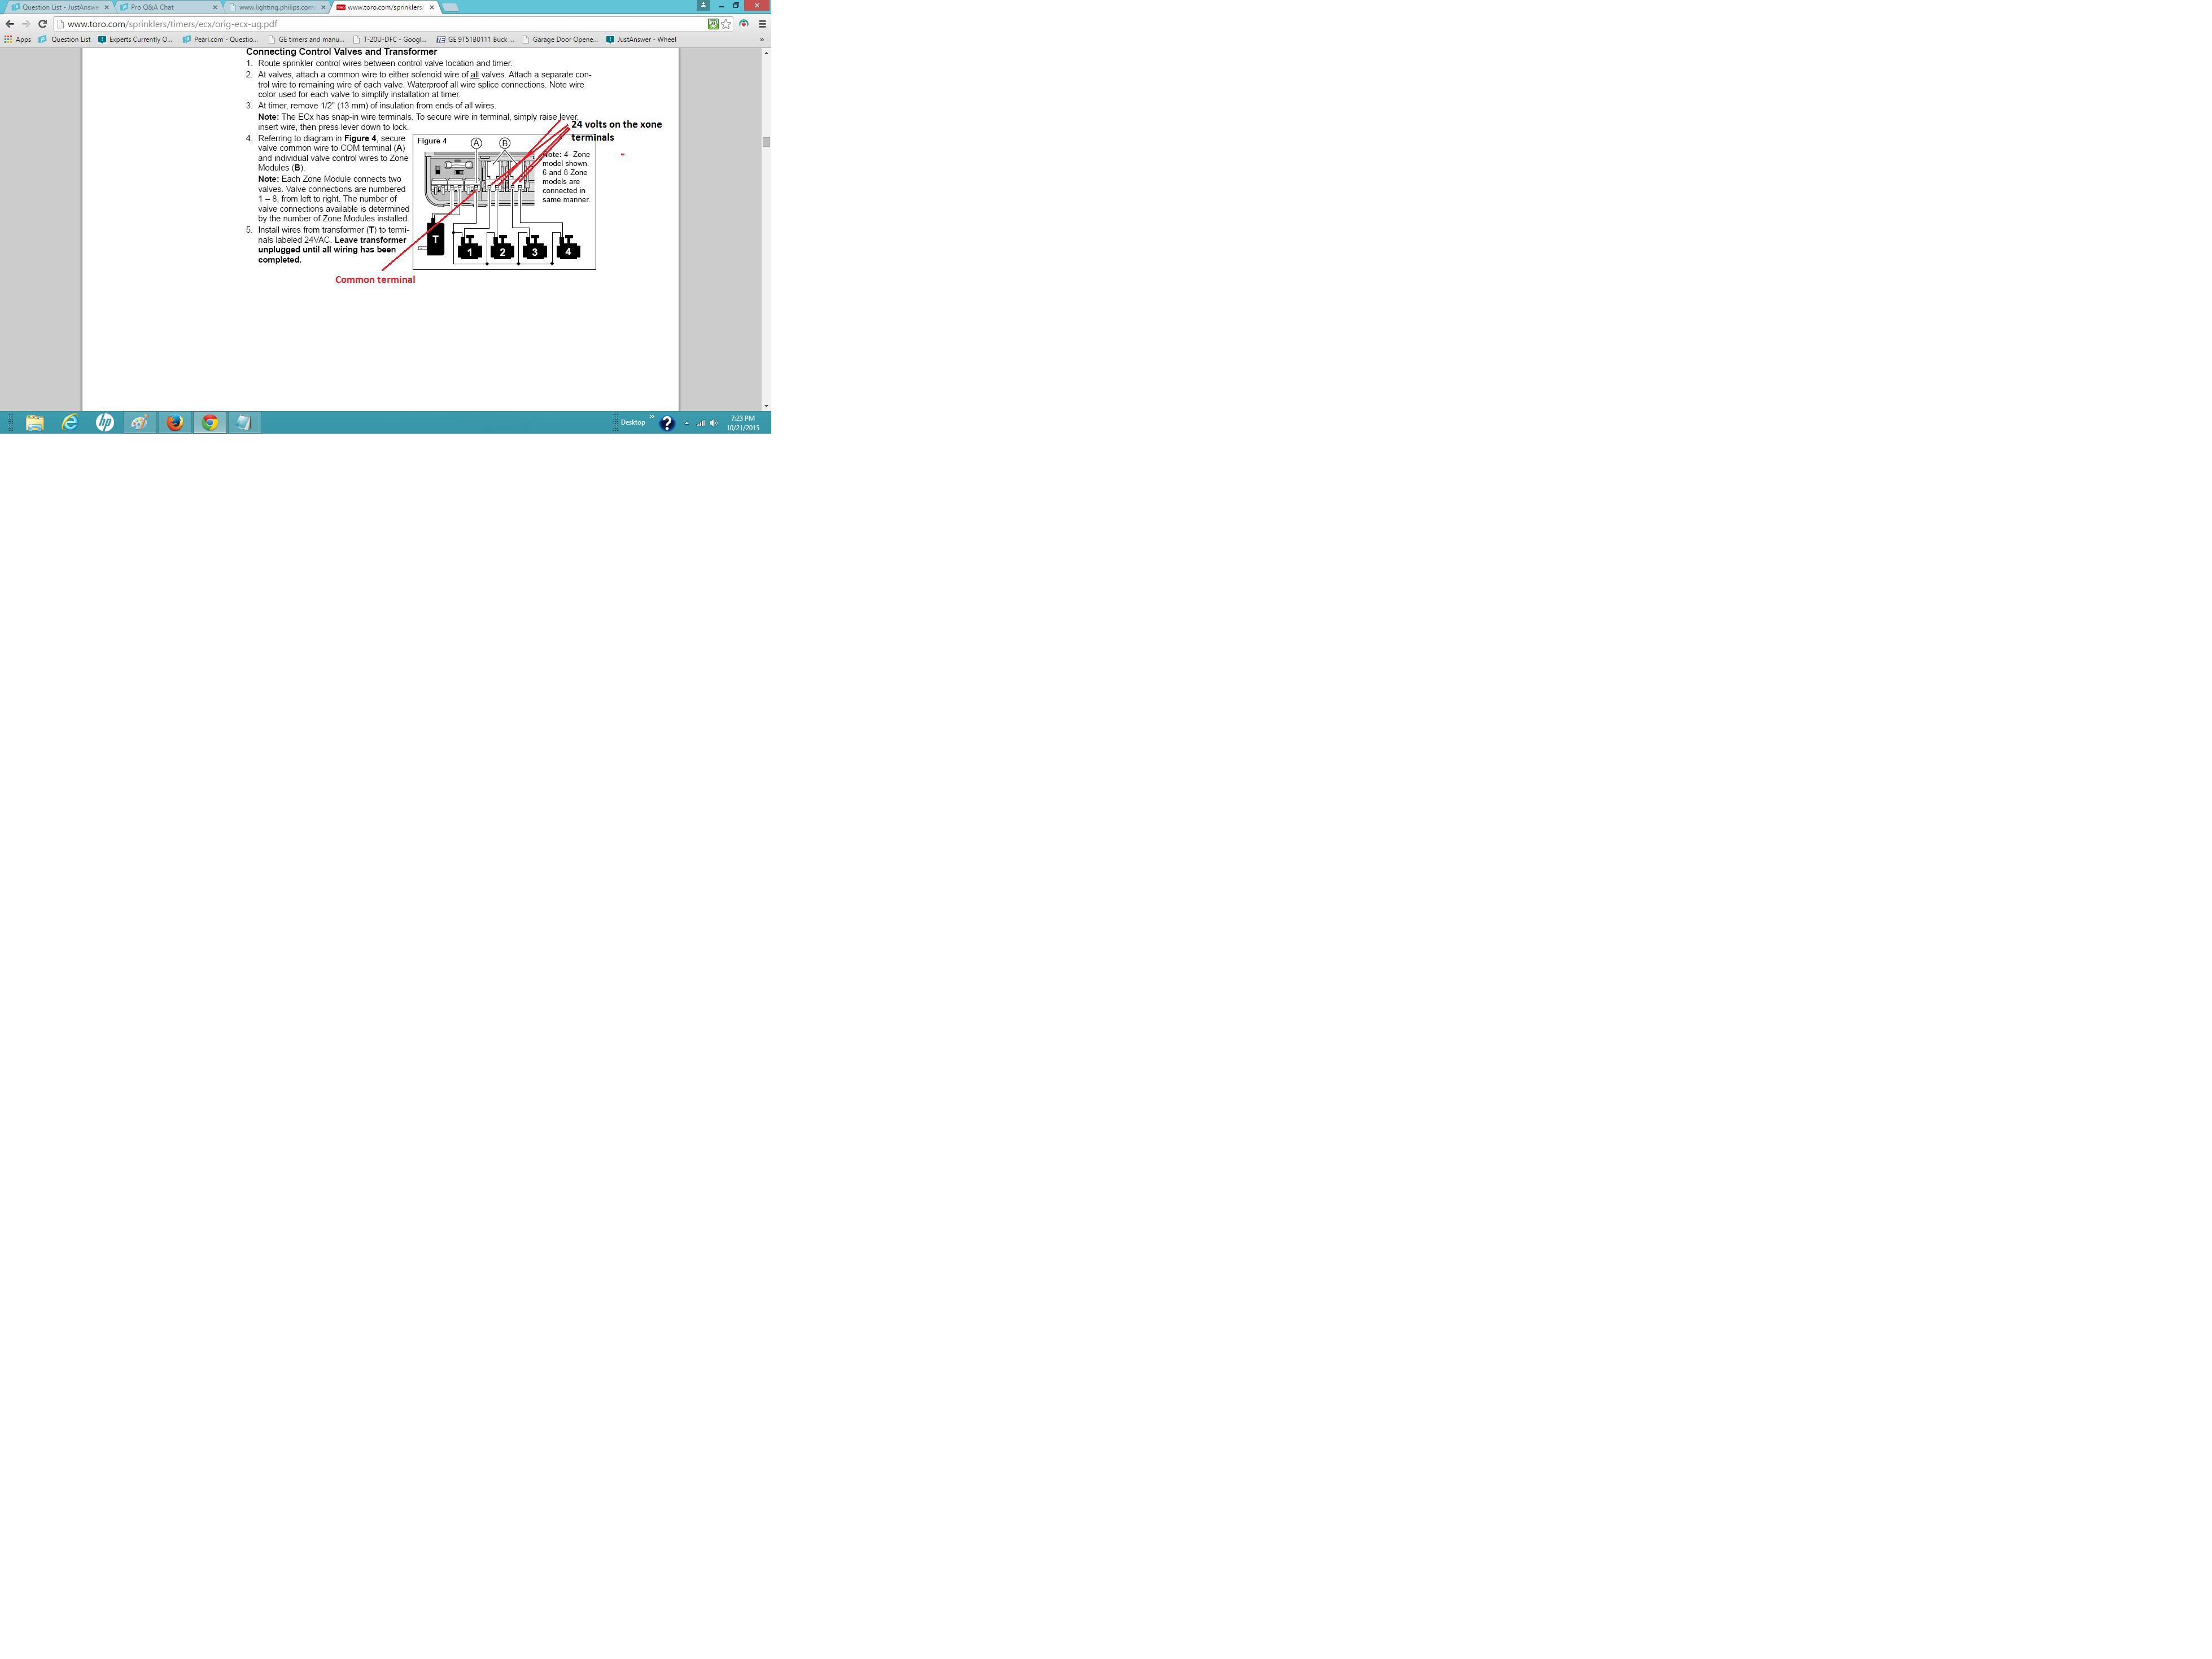 46d95d02-5d4b-42ed-abec-91c685a56721_TORO ECX.png